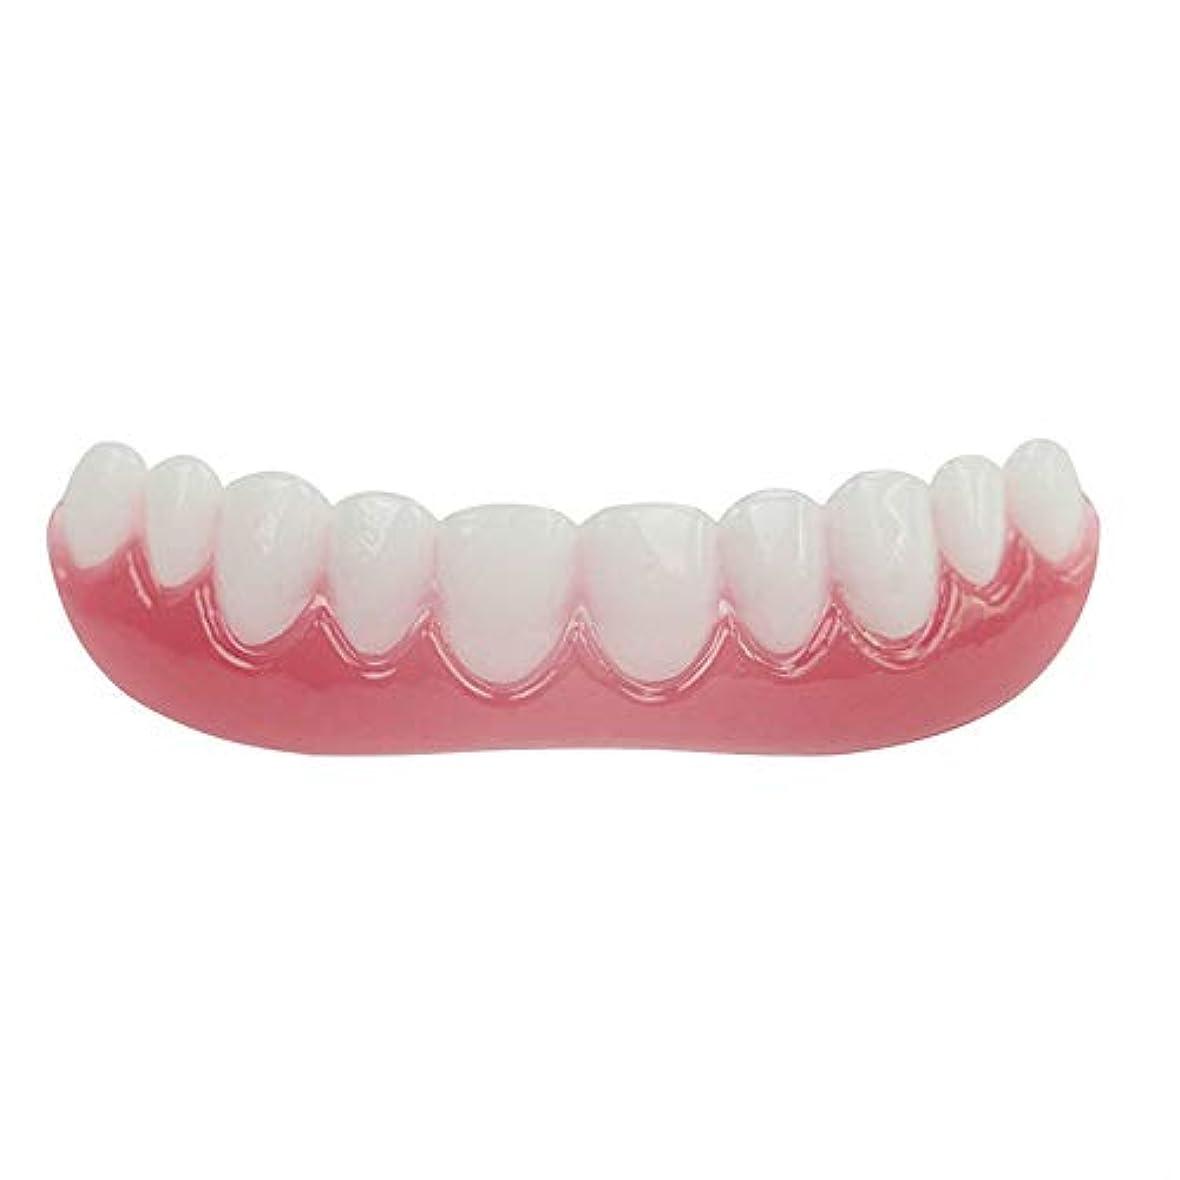 存在合併症パフシリコンシミュレーション義歯、歯科用ベニヤホワイトトゥースセット(1個),Boxed,Lower